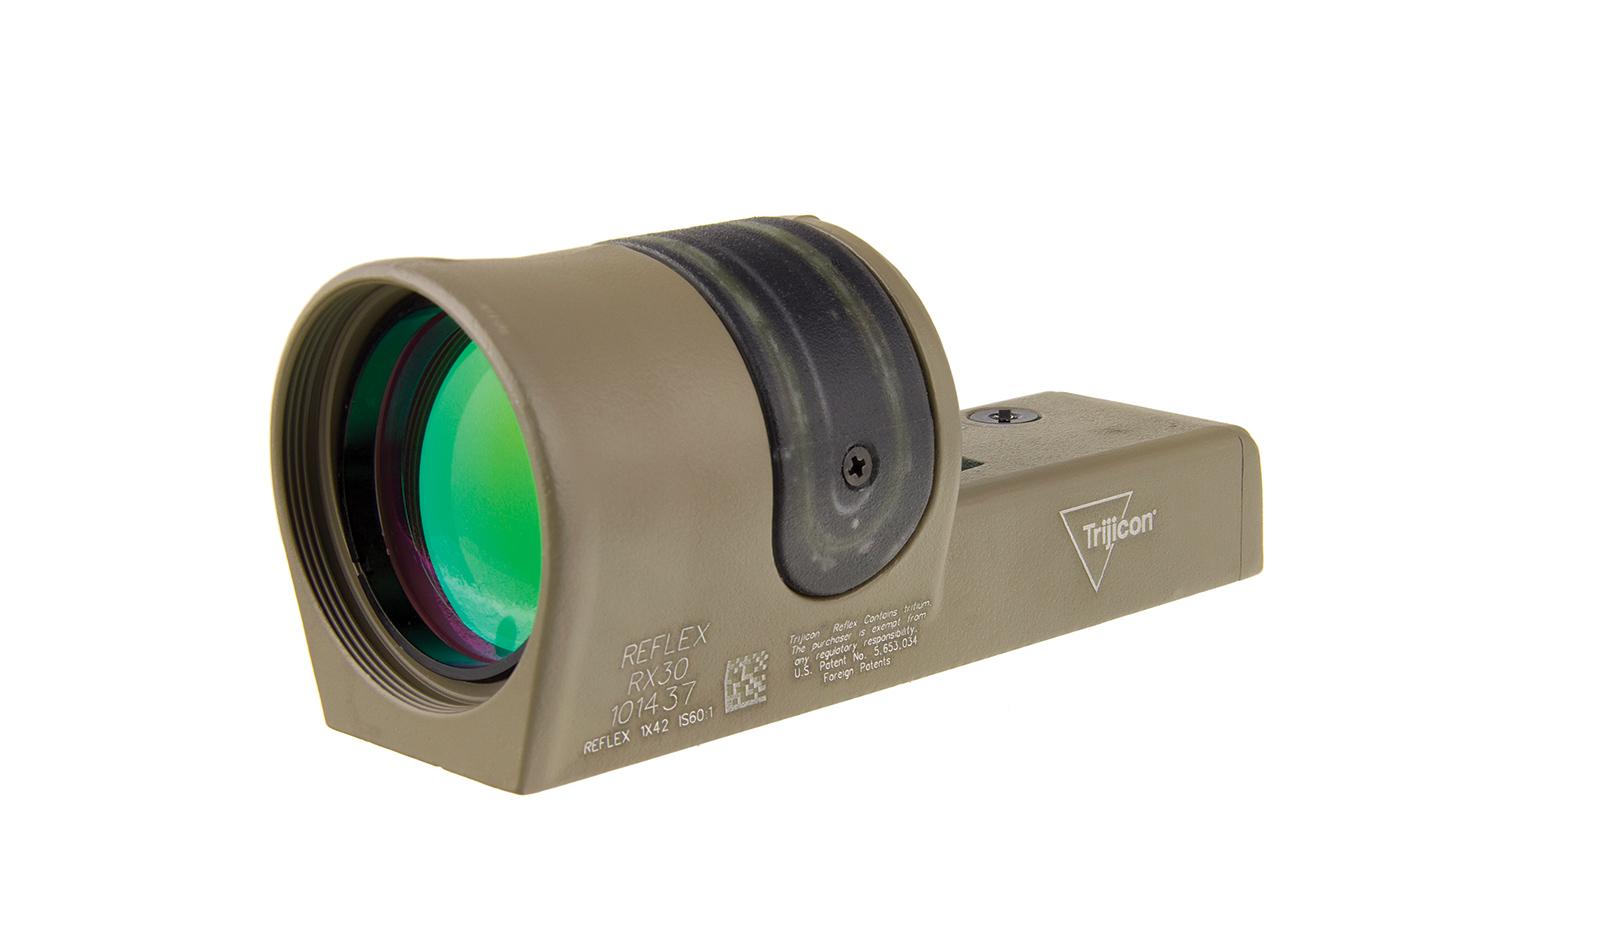 RX30-C-800067 angle